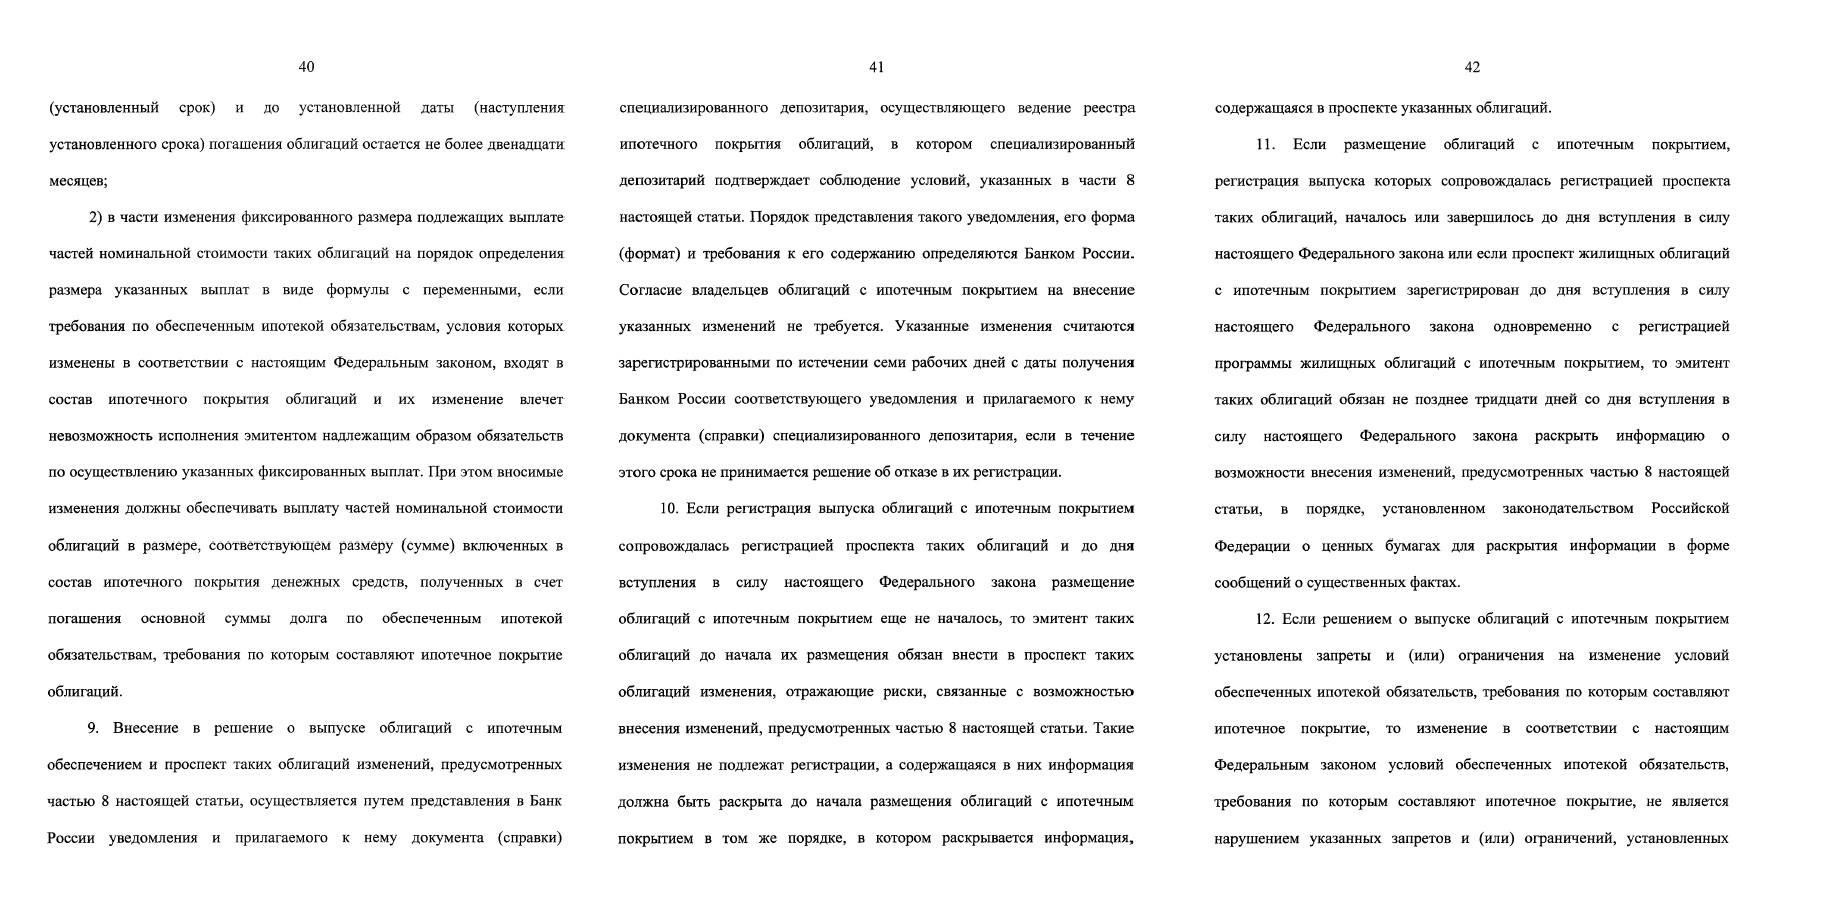 Федеральный закон от 03.04.2020 № 106-ФЗ